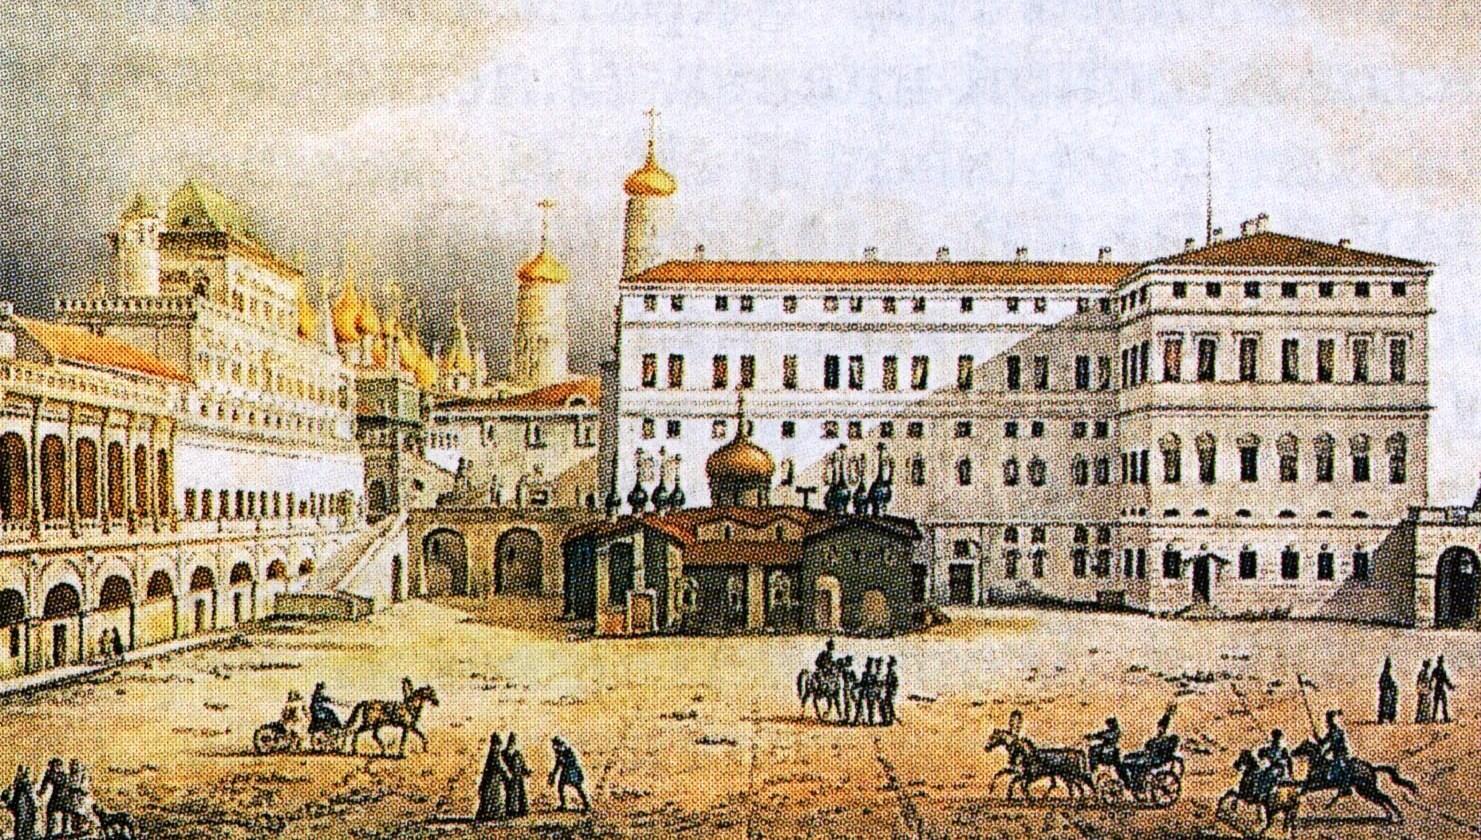 Вид внутреннего двора Большого Кремлёвского дворца. Боковой фасад дворца и церковь Спаса-на-Бору. XVIII в.